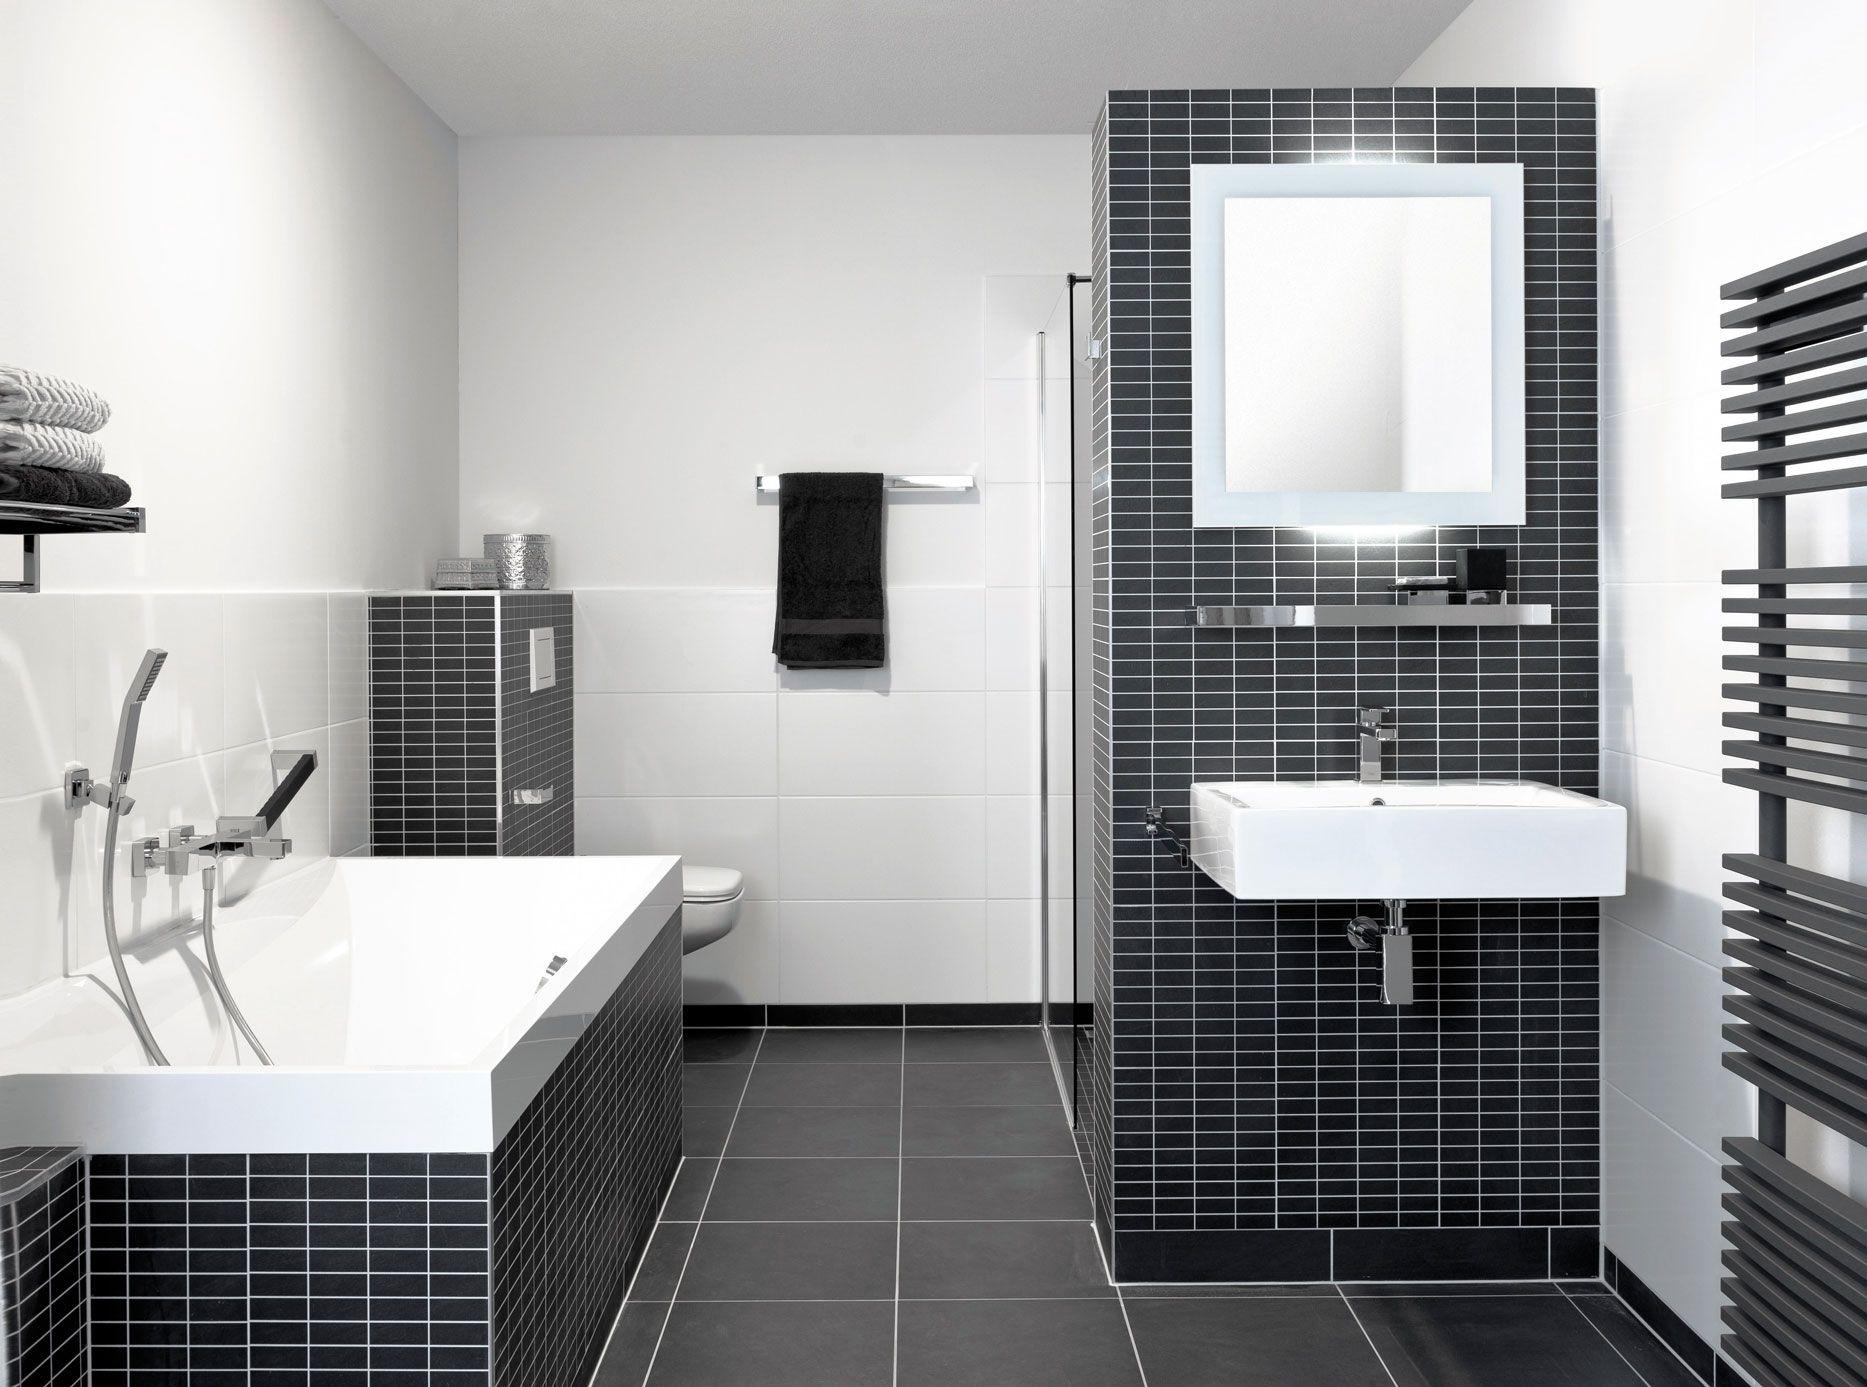 een badkamer met een wow effect dit wordt voornamelijk gecreà erd